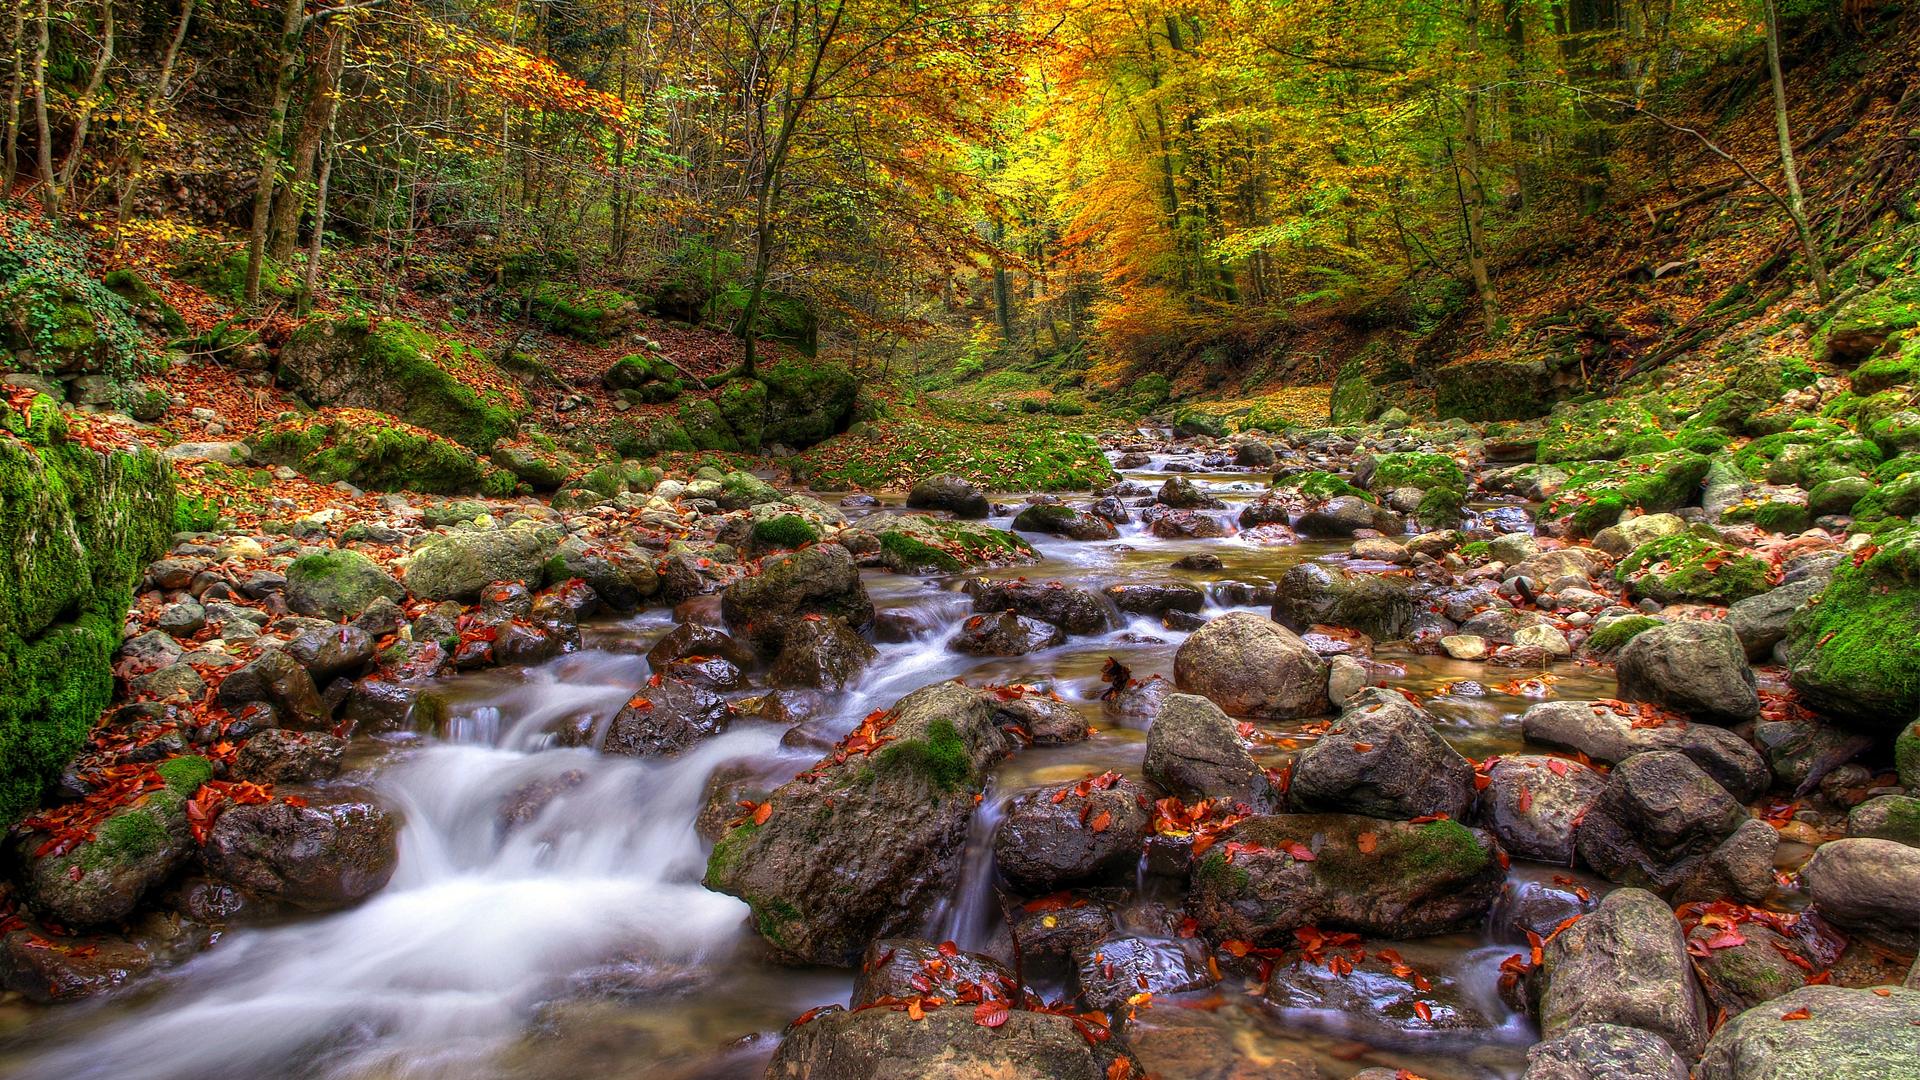 природа река листья осень лес деревья бесплатно